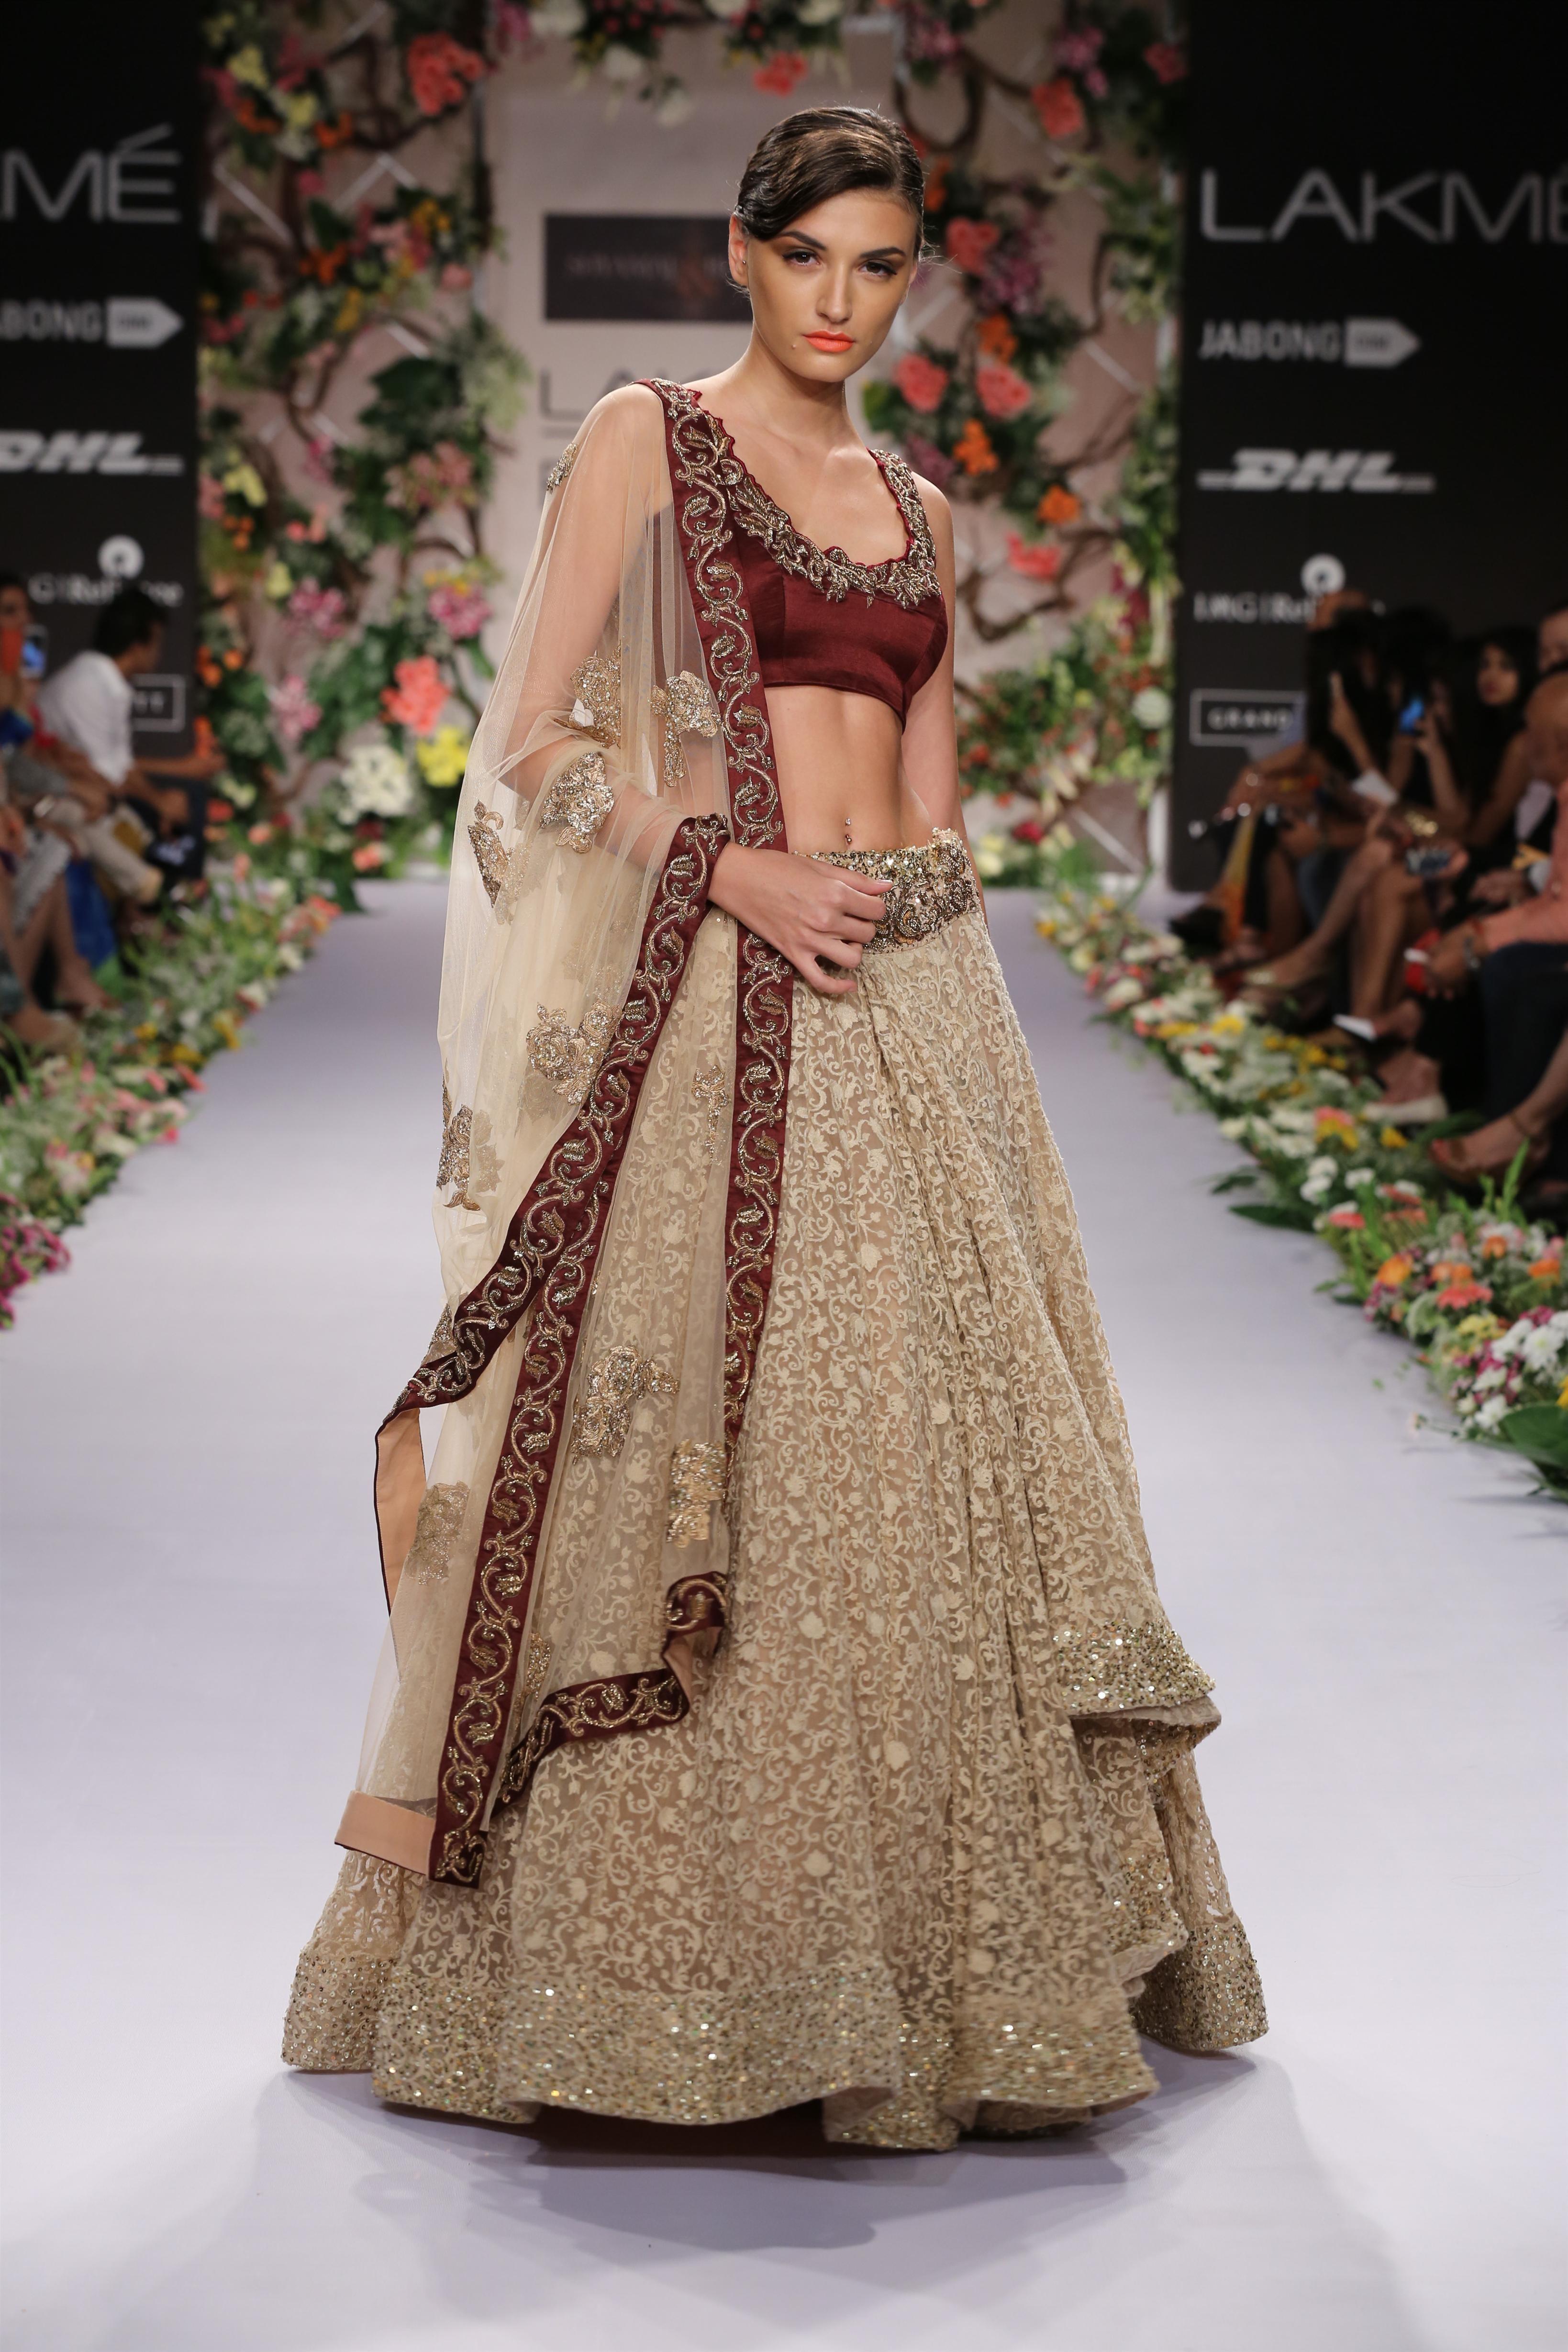 Bridal Fashions in Glam Alert Shyamal & Bhumika Present a